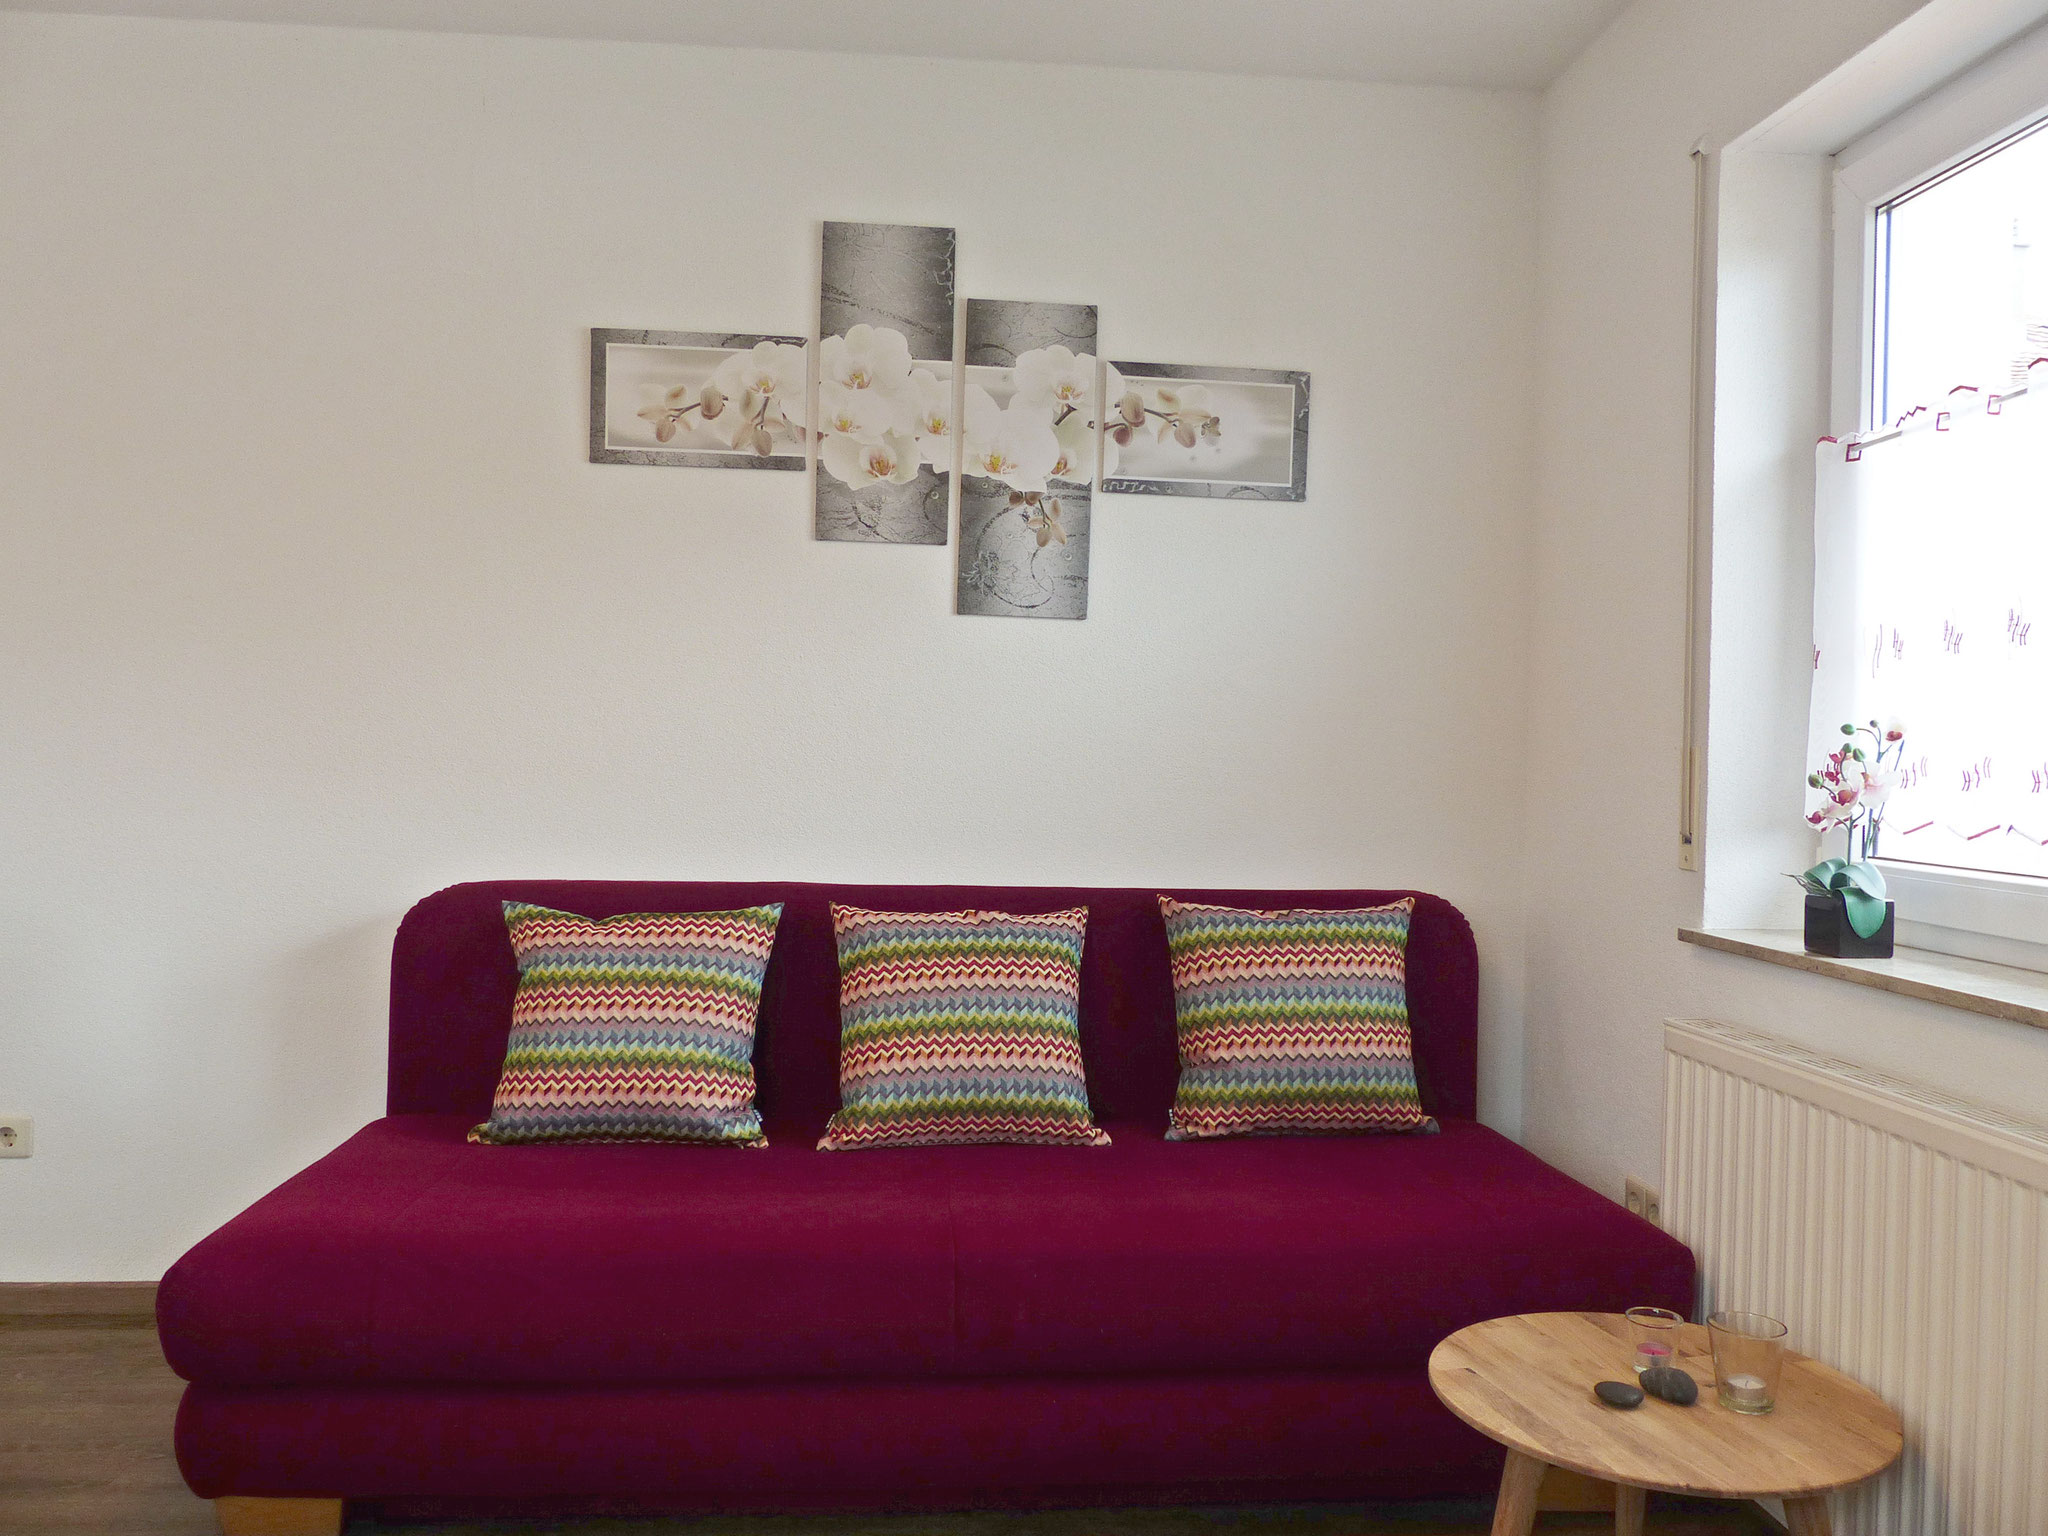 Wohnbereich - Schlafsofa (ausziehbar)